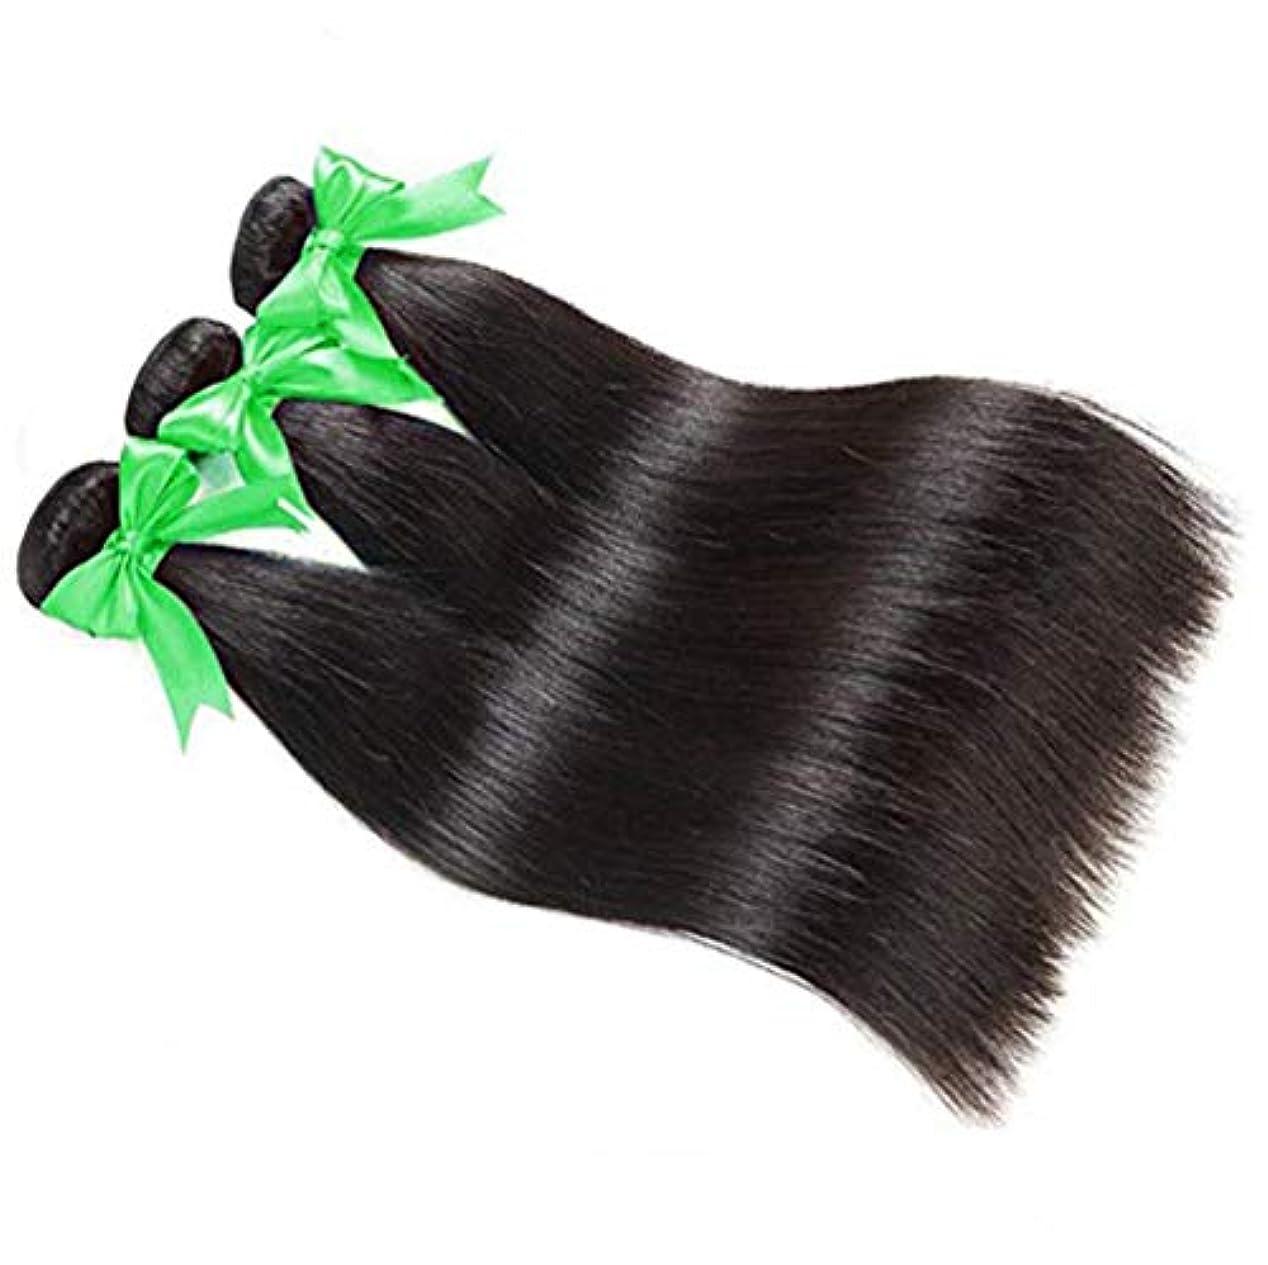 在庫消費振動する女性ストレート人間の髪の毛1バンドル100%未処理の絹のようなストレートバージン人間の髪の毛の束ダブル横糸ソフトと太い髪